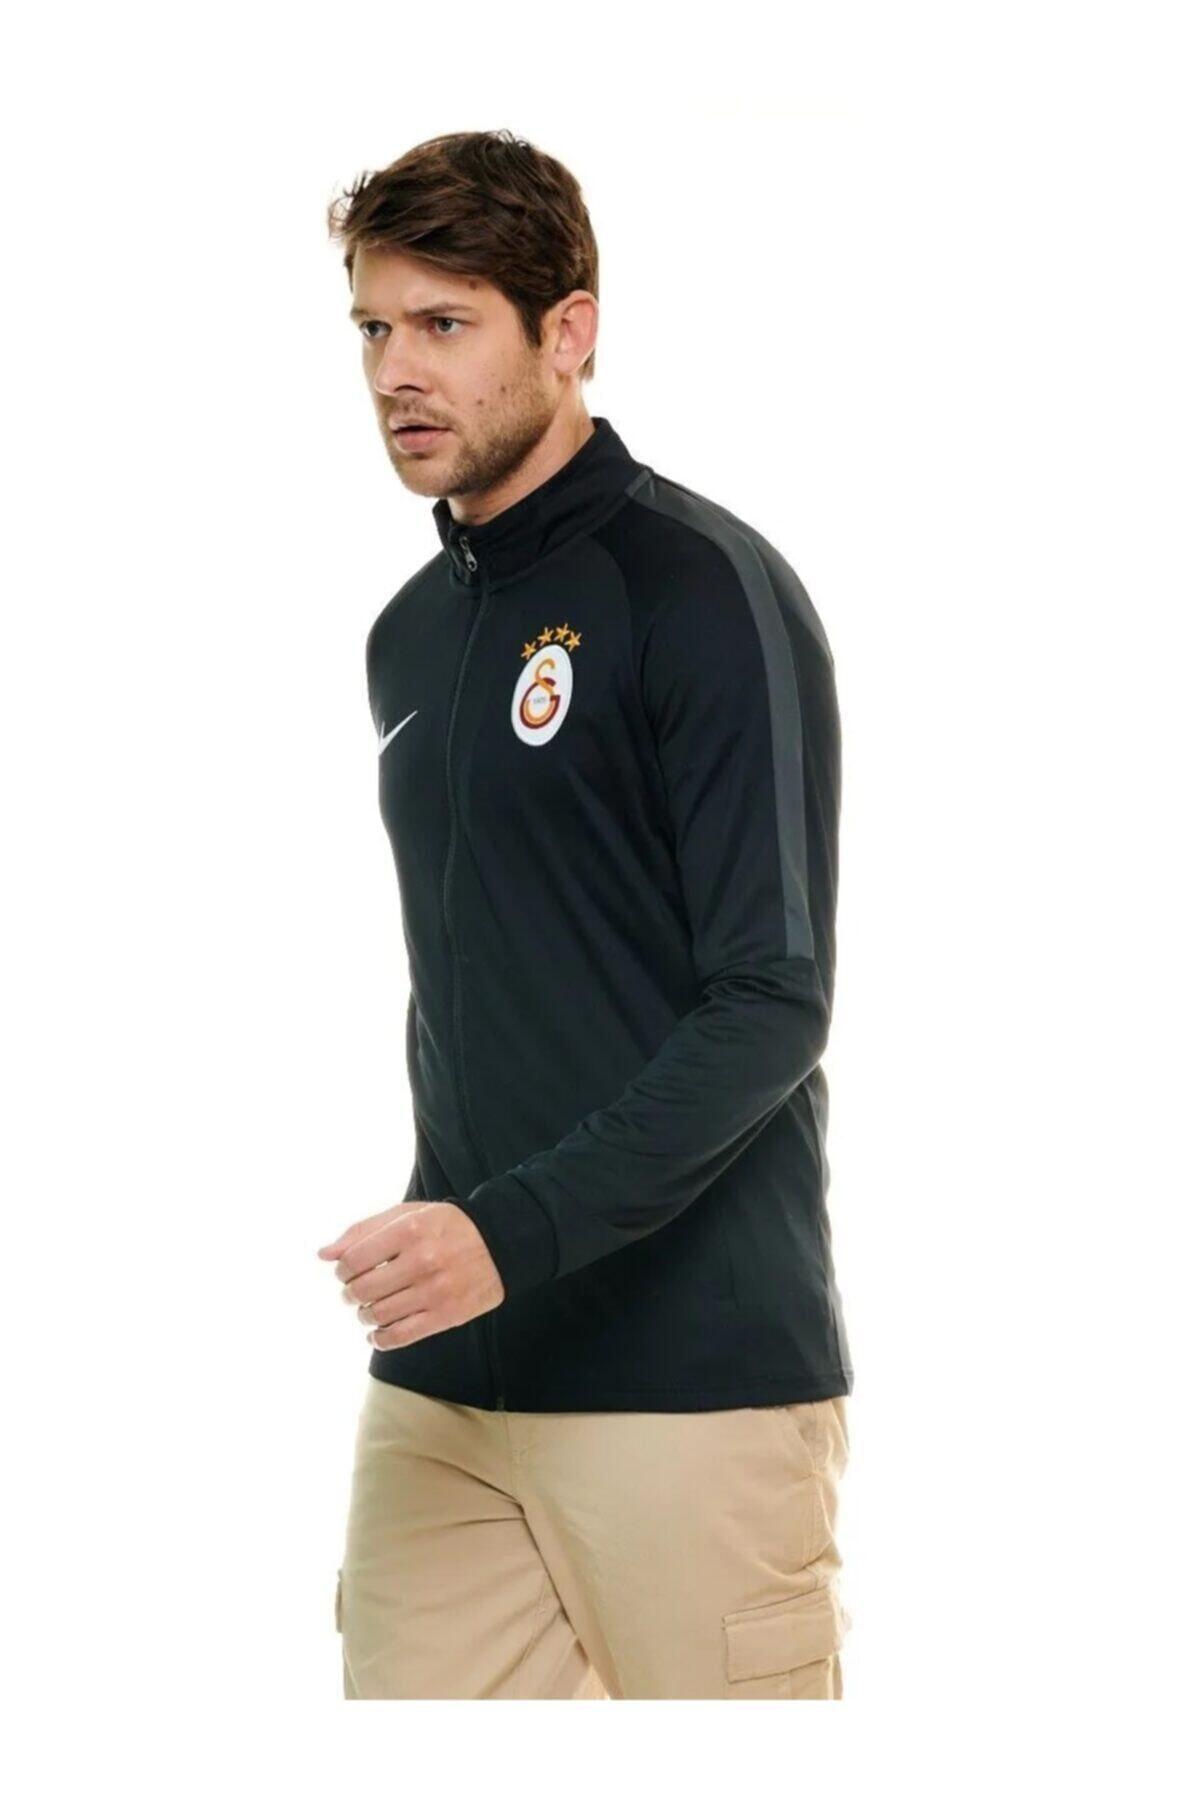 سفارش اینترنتی گرمکن ورزشی مردانه برند Galatasaray رنگ مشکی کد ty90853201